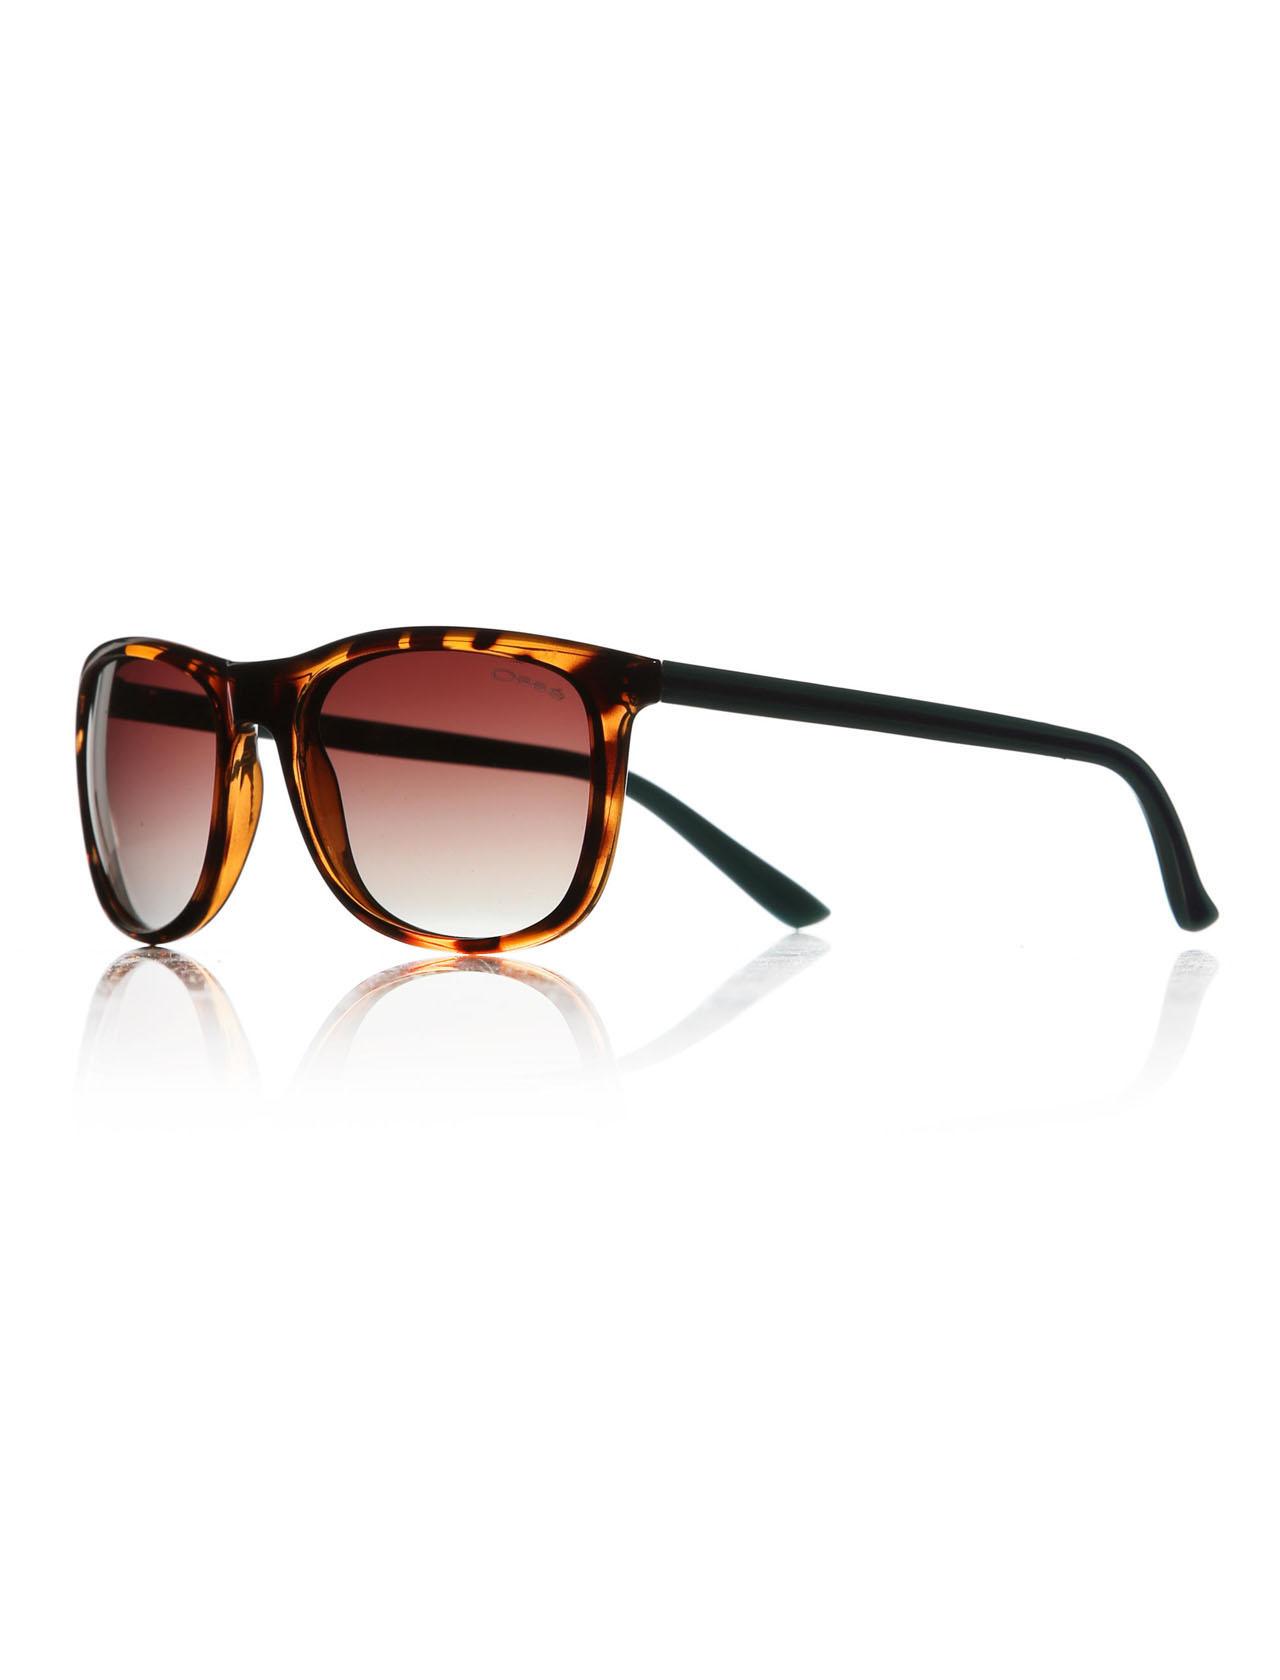 Men's Patterned Plastic Frame Sunglasses